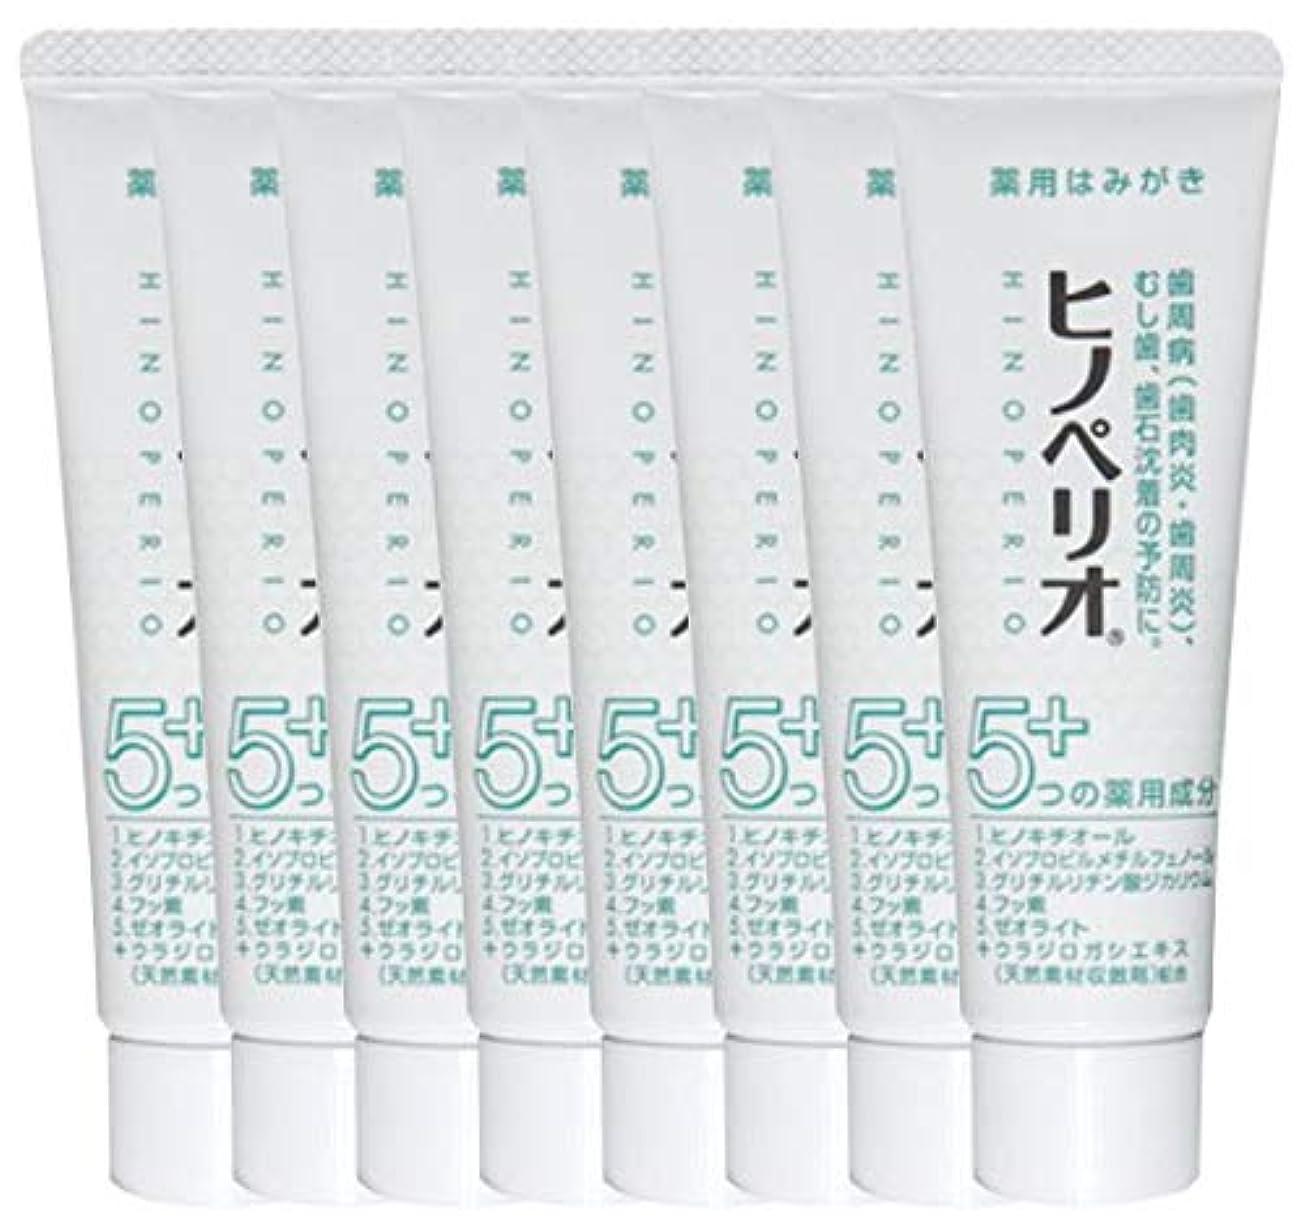 受粉者ミスペンド修士号昭和薬品 ヒノペリオ60g 医薬部外品 × 8本